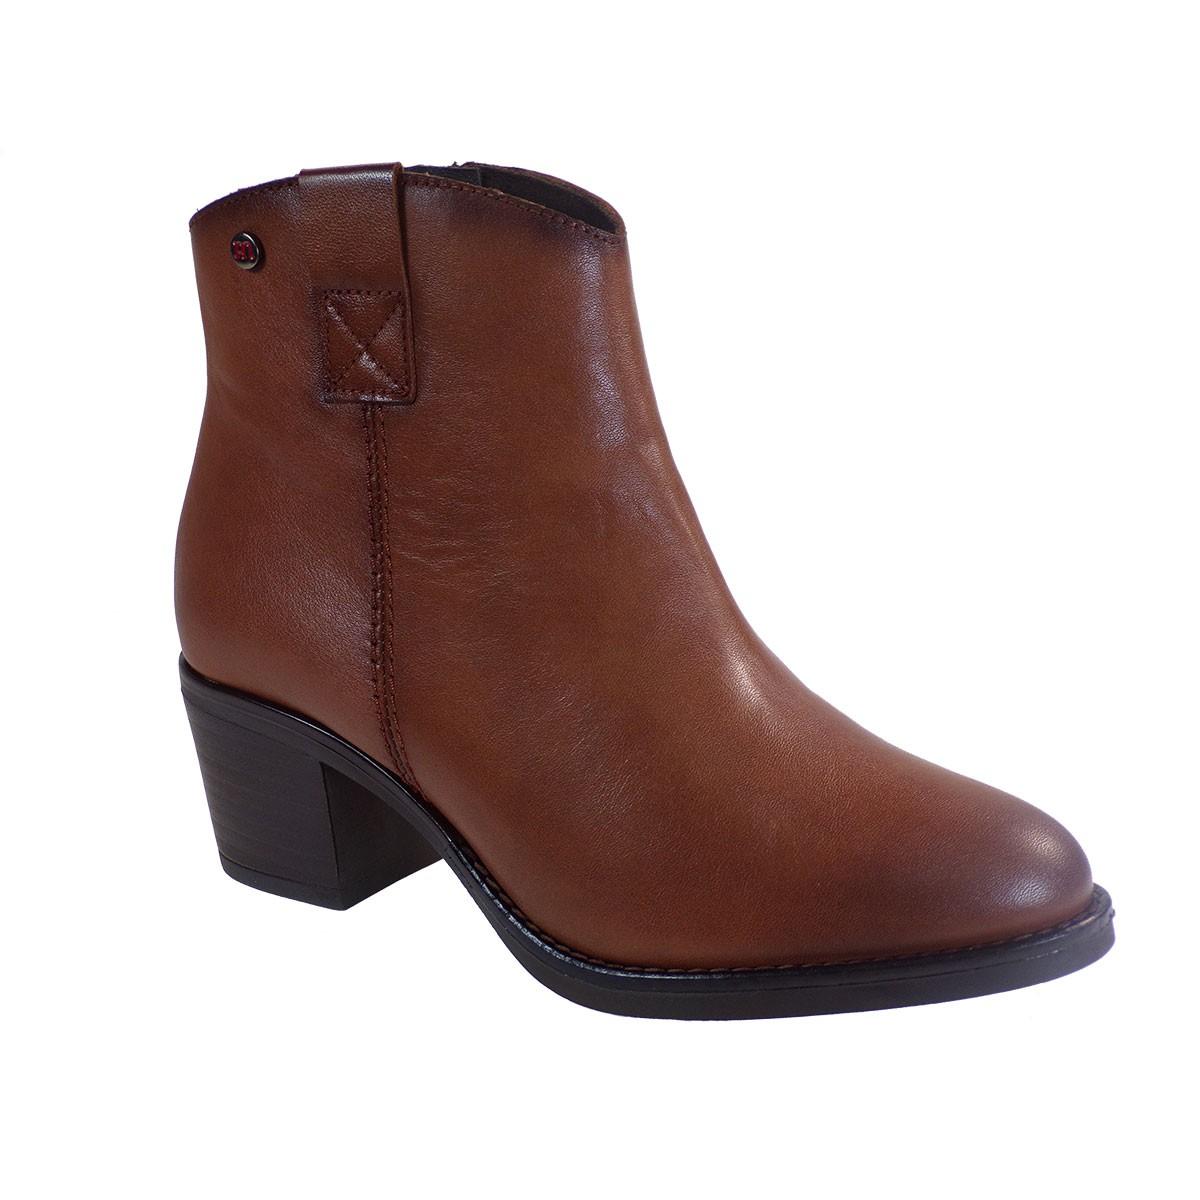 PEPE MENARGUES SHOES Γυναικεία Παπούτσια Μποτάκια 20340 Ταμπά Δέρμα